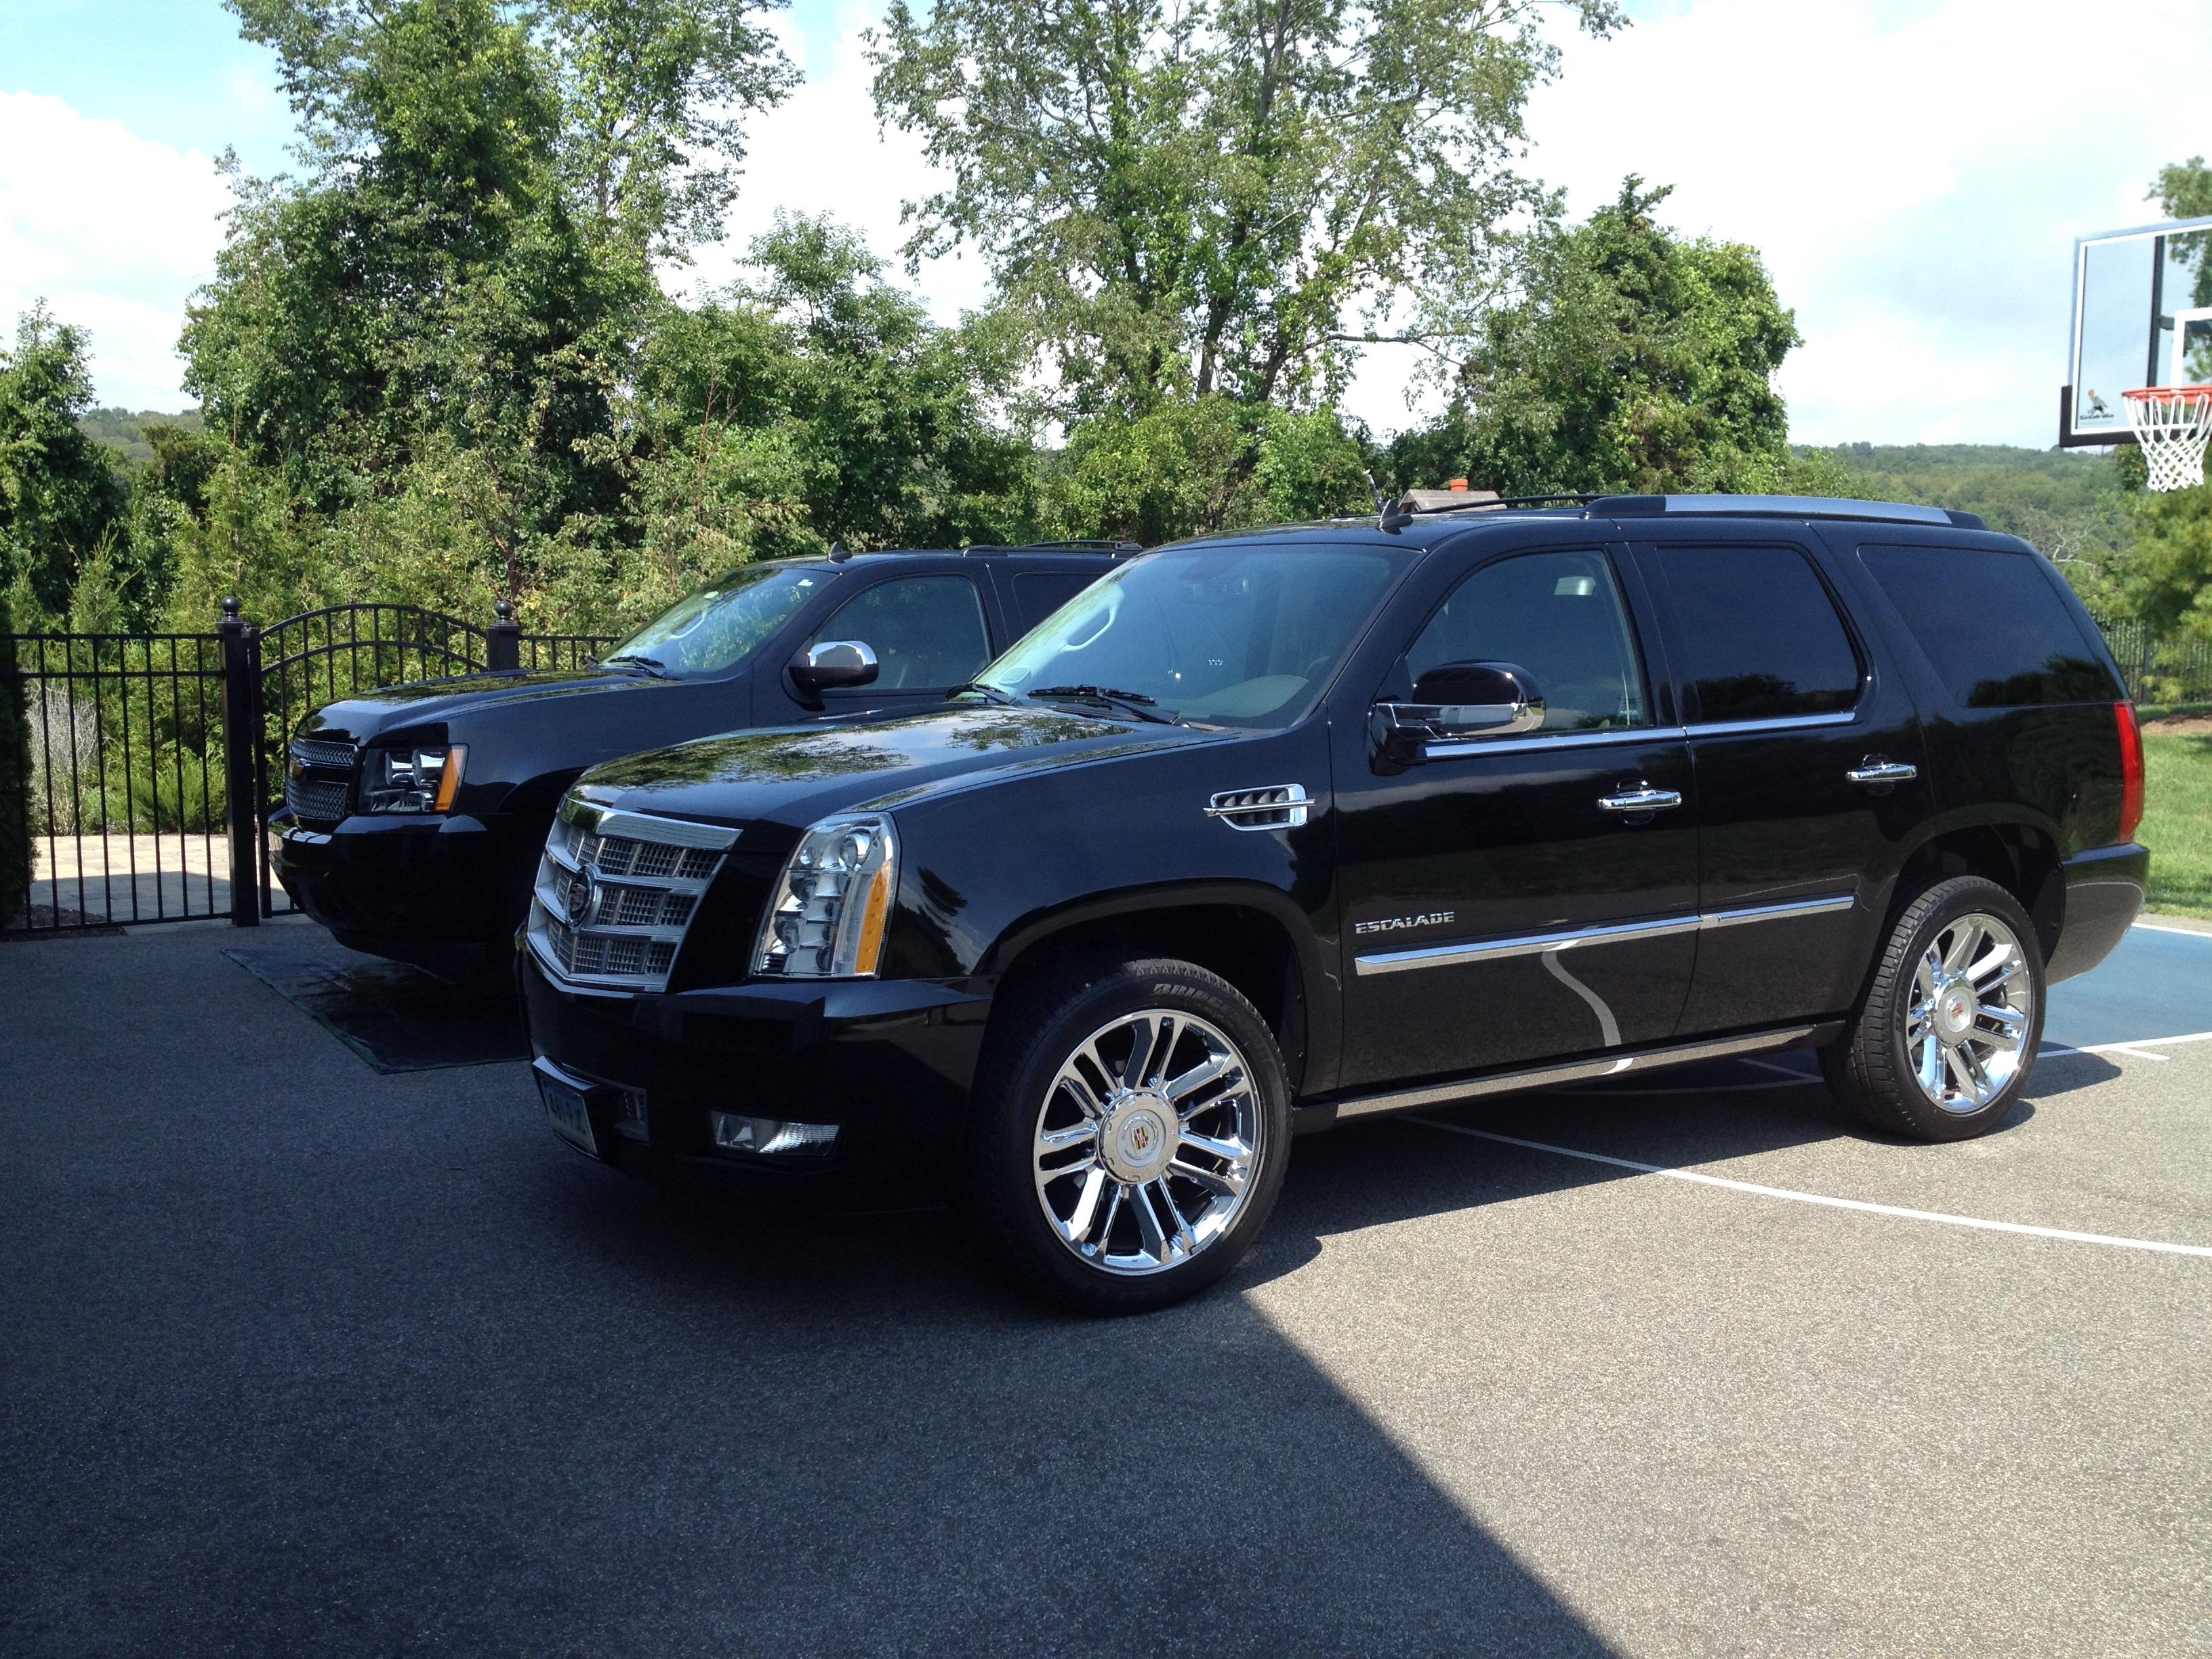 Connecticut Mobile Auto Detailing Onsite Auto Detailing